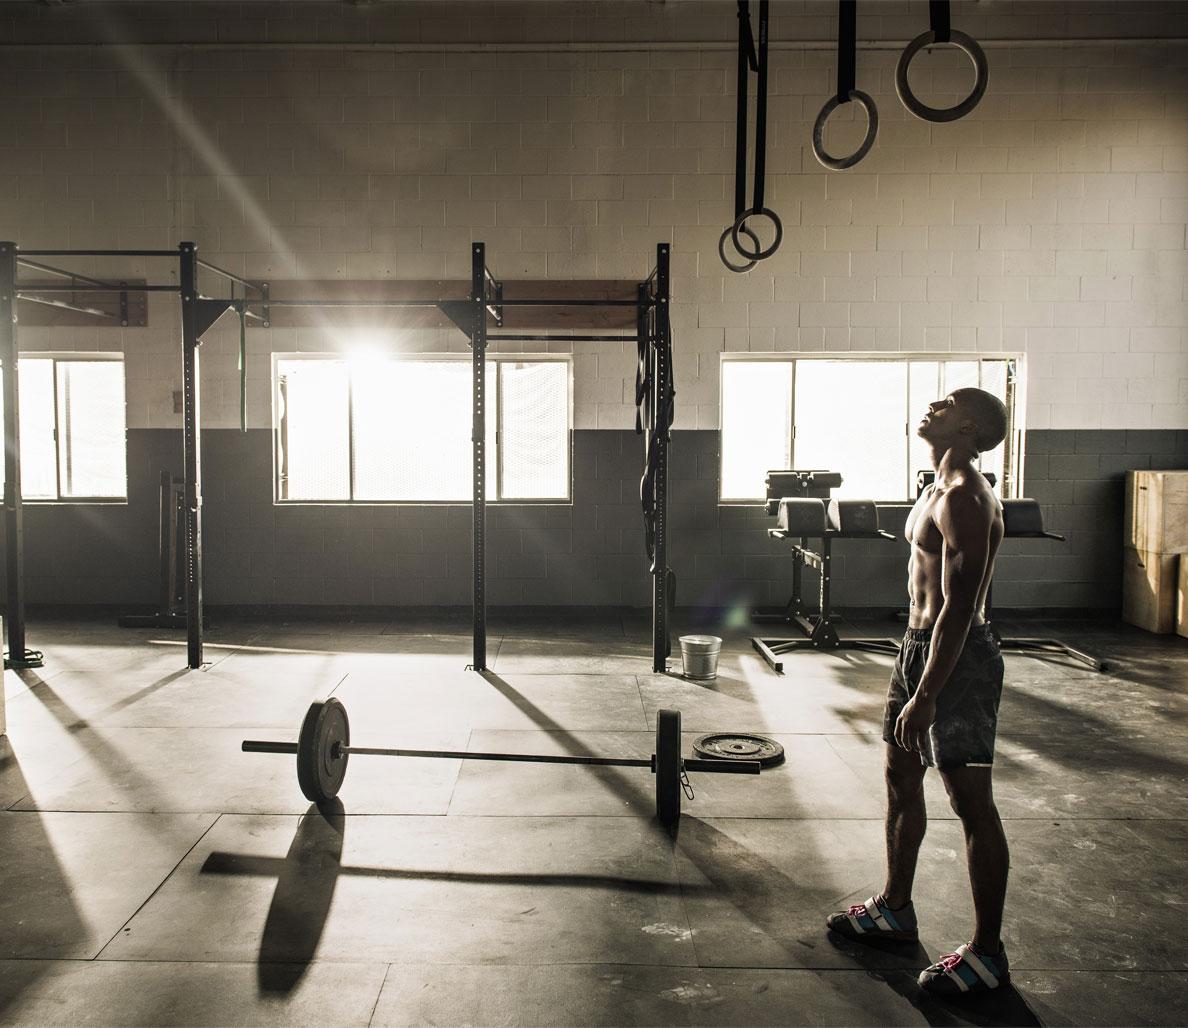 workouts-routine-manman